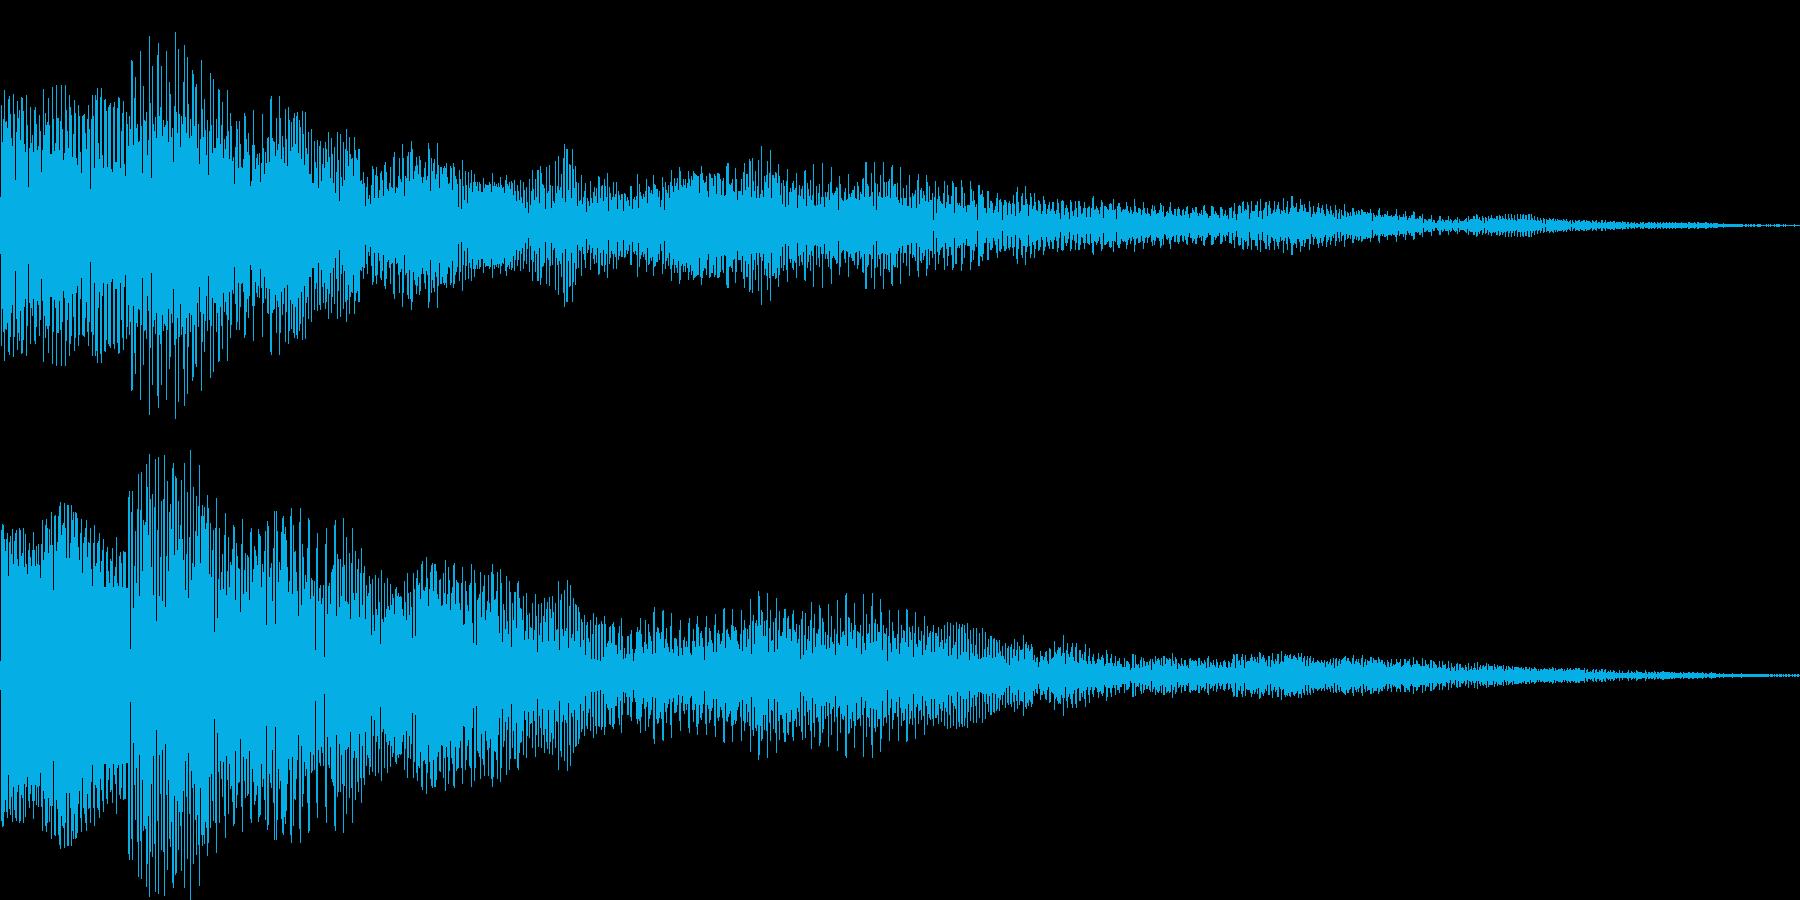 ぽぽーん シネマティック サウンドロゴの再生済みの波形